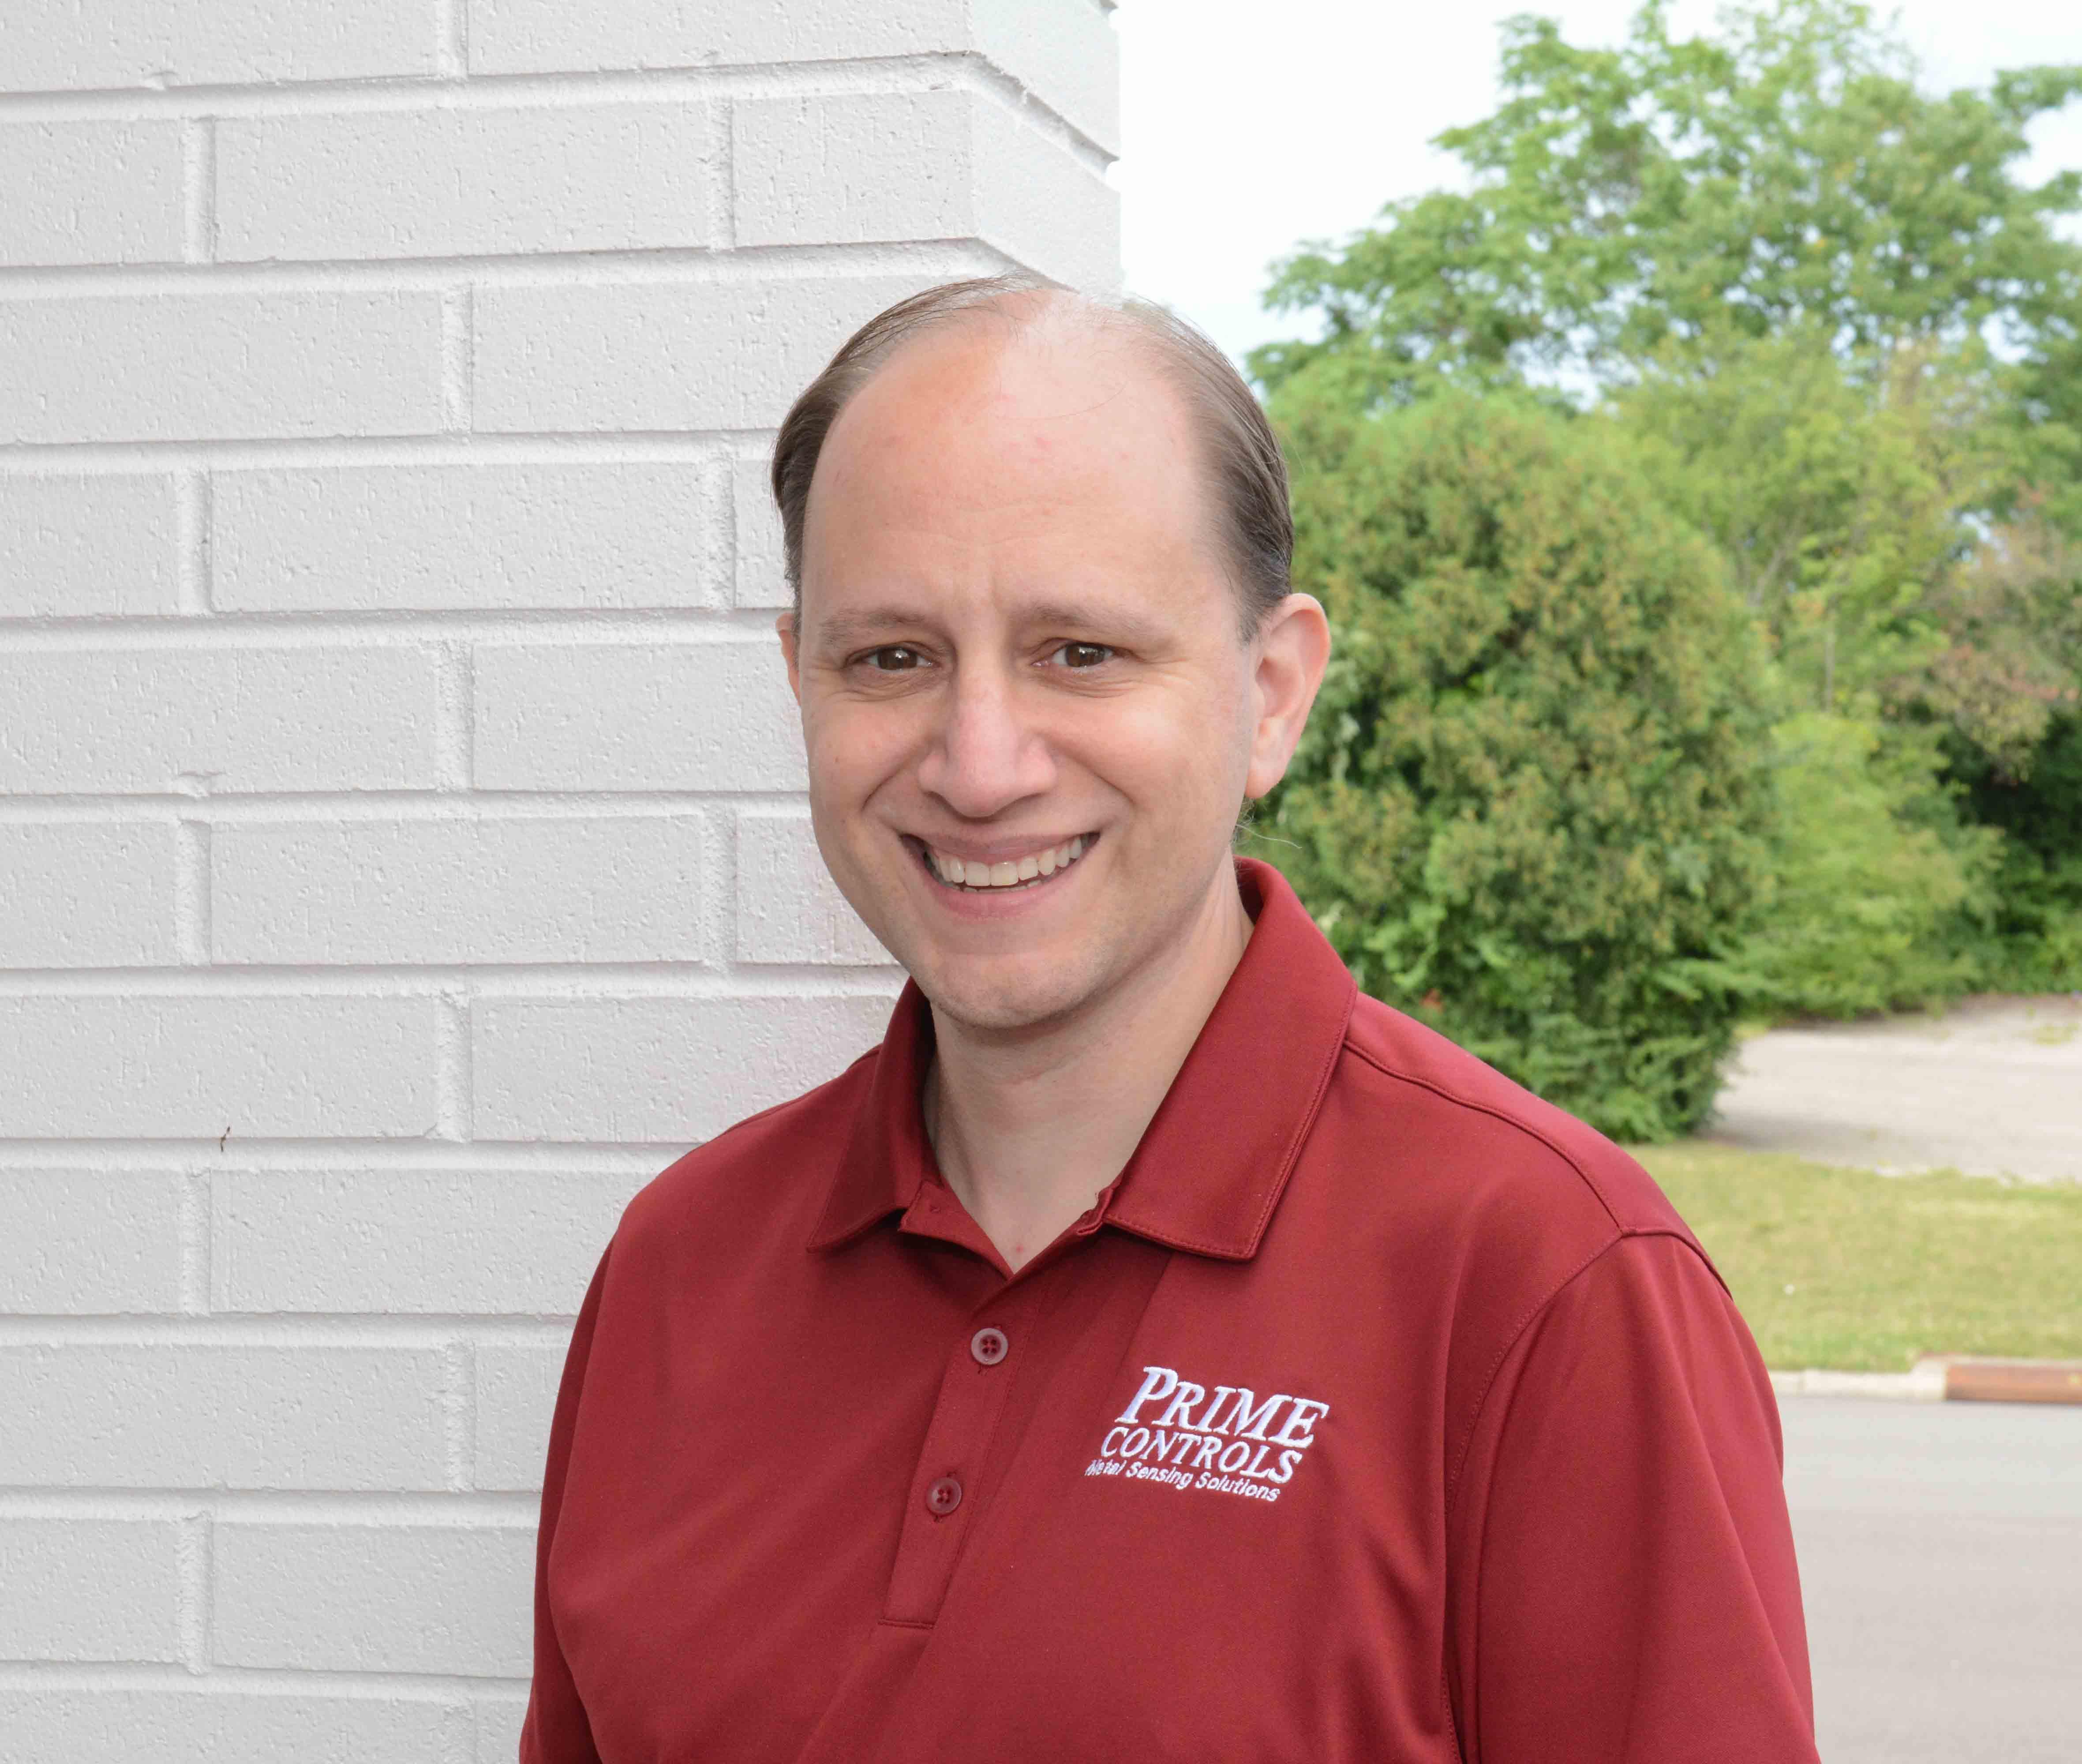 Prime Controls Staff Picture Mark Mohn